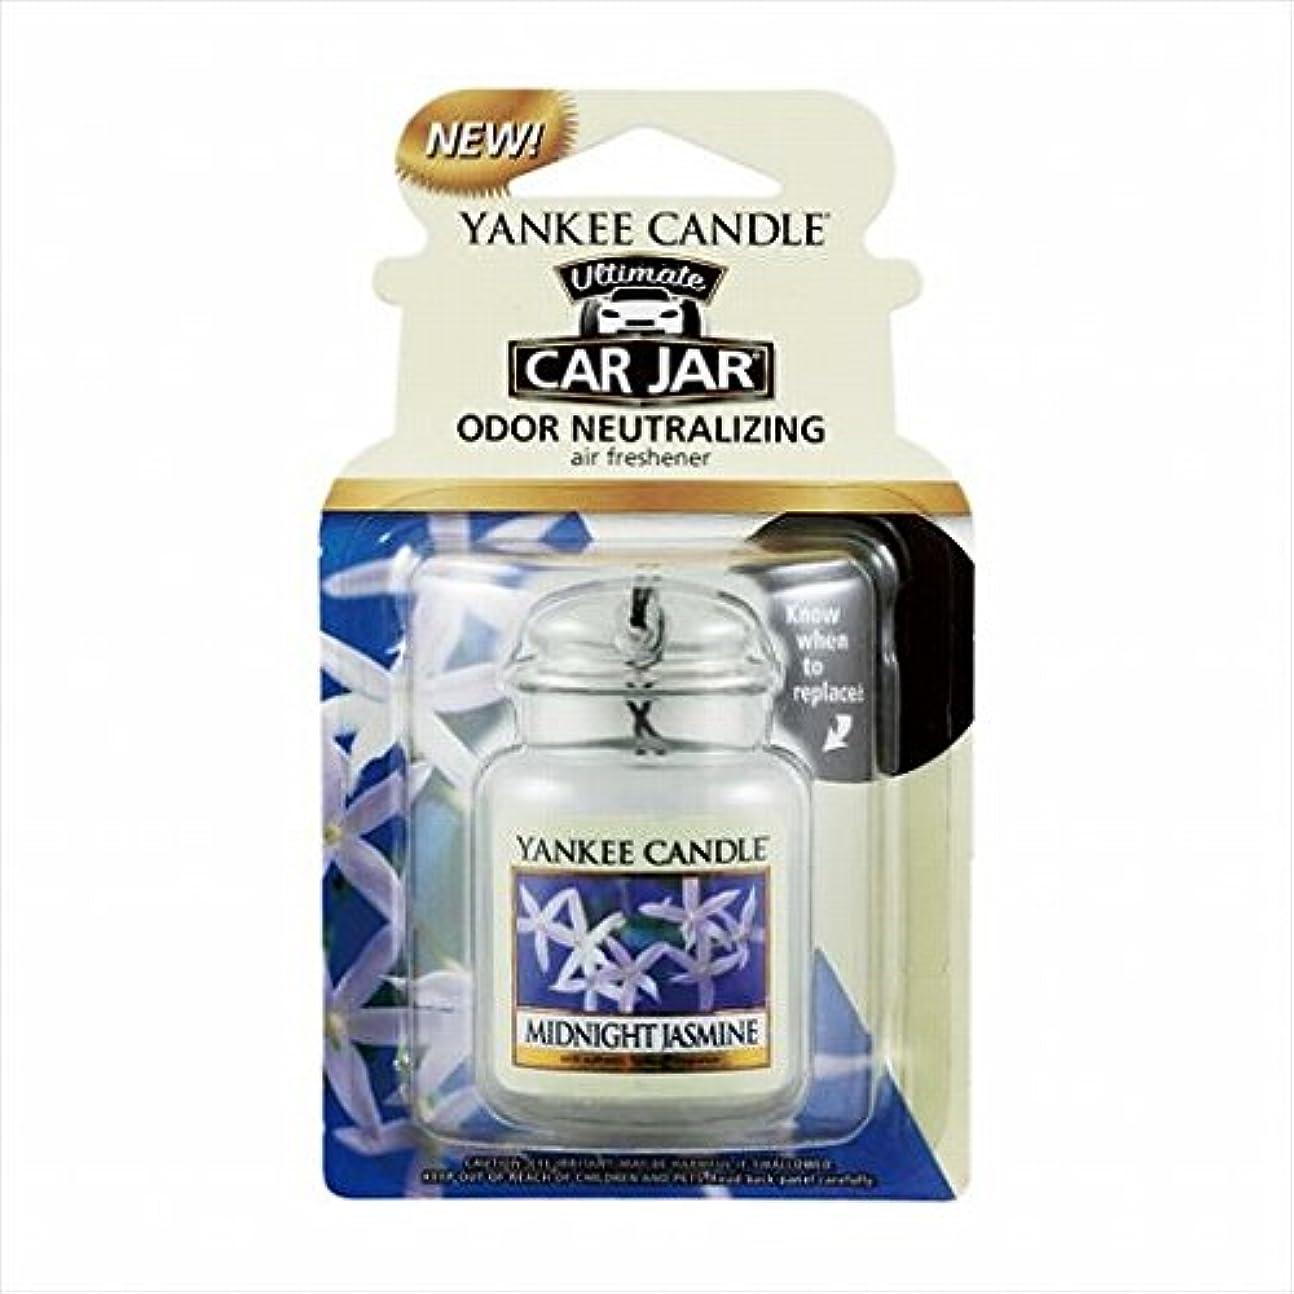 ポップ不定否認するカメヤマキャンドル( kameyama candle ) YANKEE CANDLE ネオカージャー 「 ミッドナイトジャスミン 」